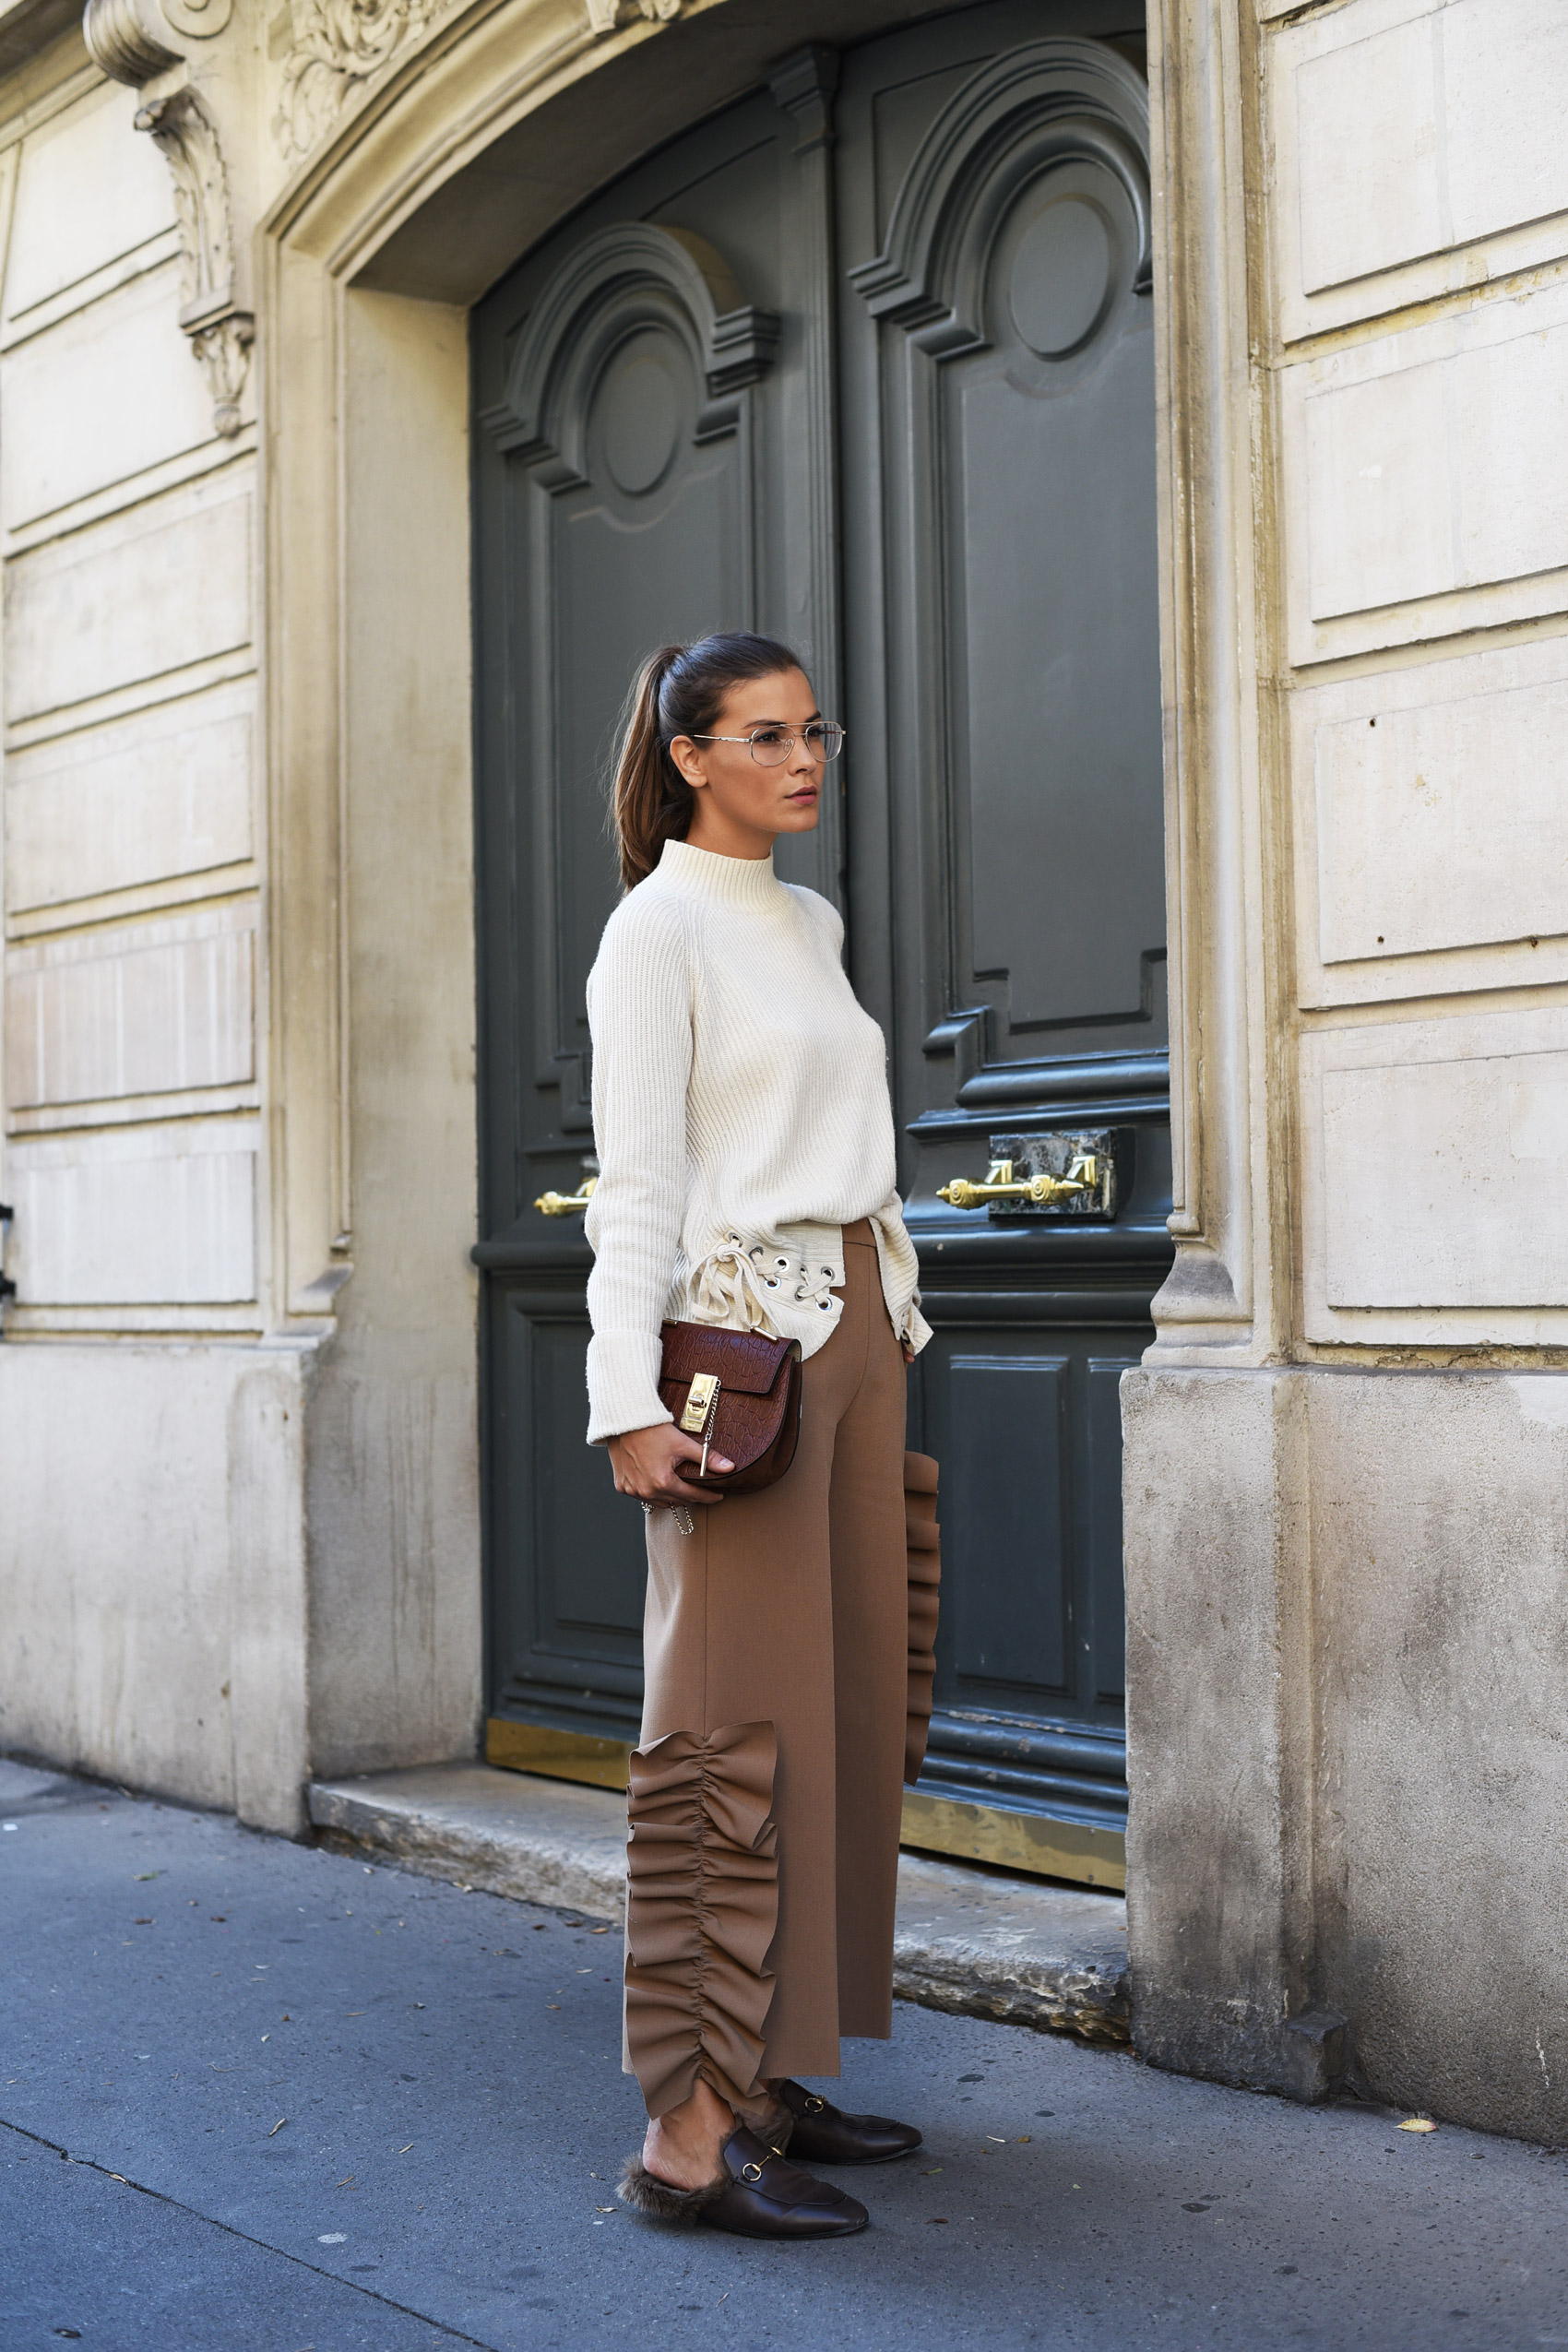 fashionblog-deutschland-bloggerin-liebeskindberlin-tasche-nina-fashiioncarpet-